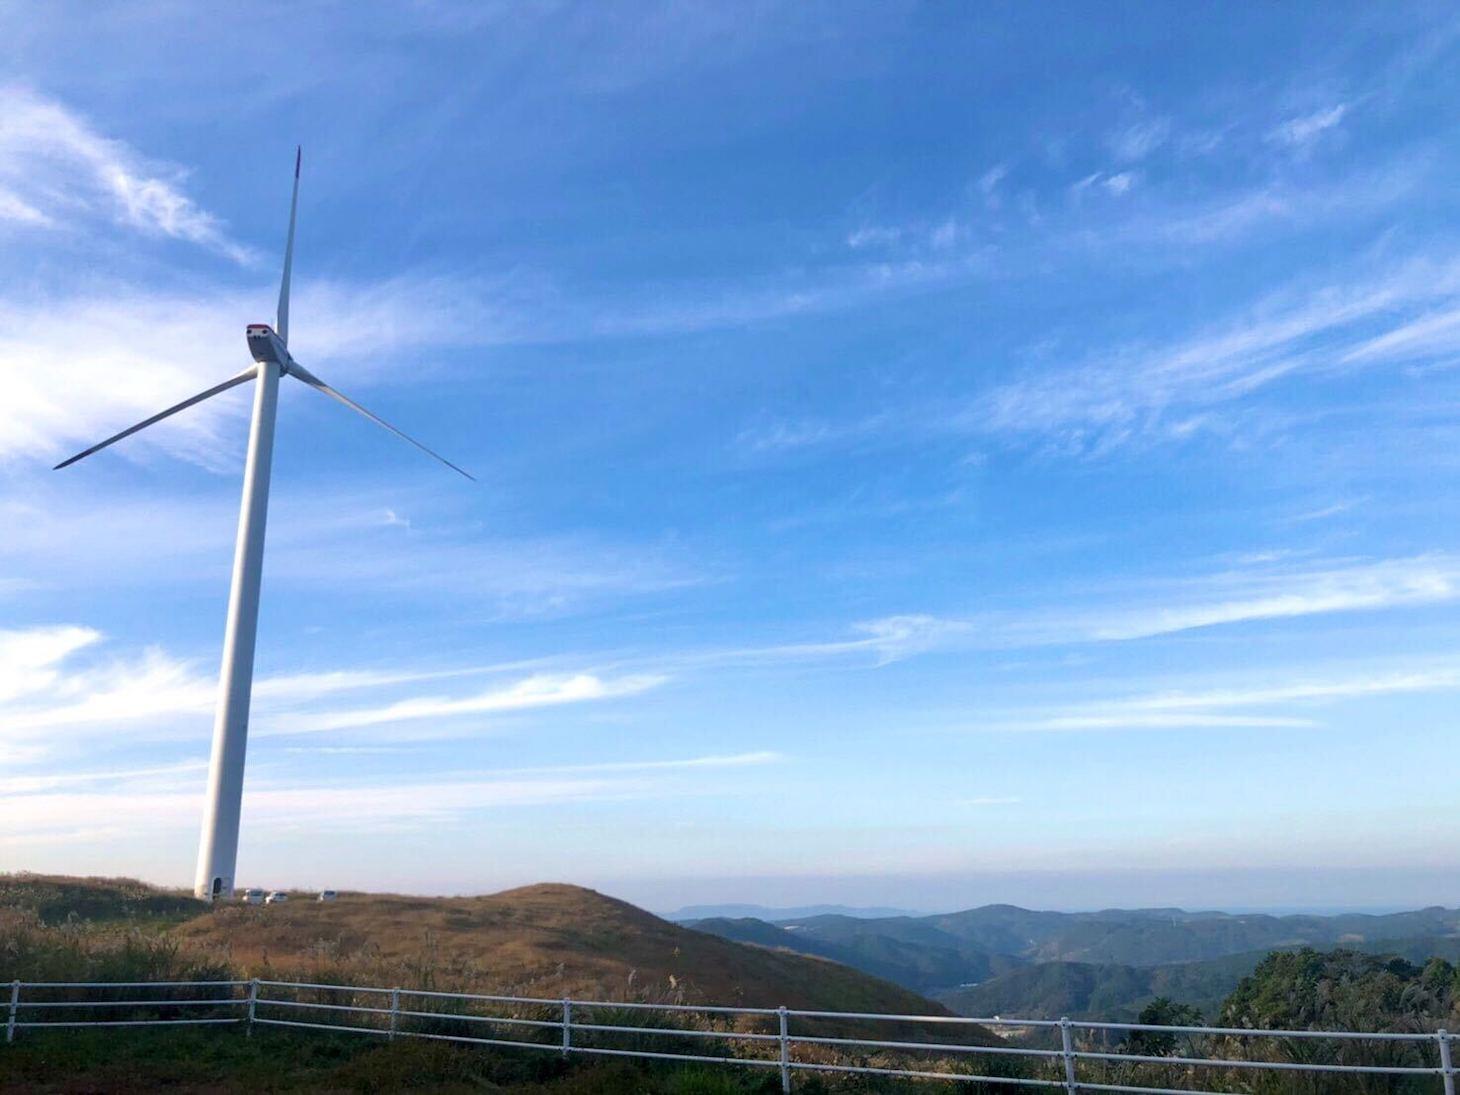 少し離れたところから見る風力発電機